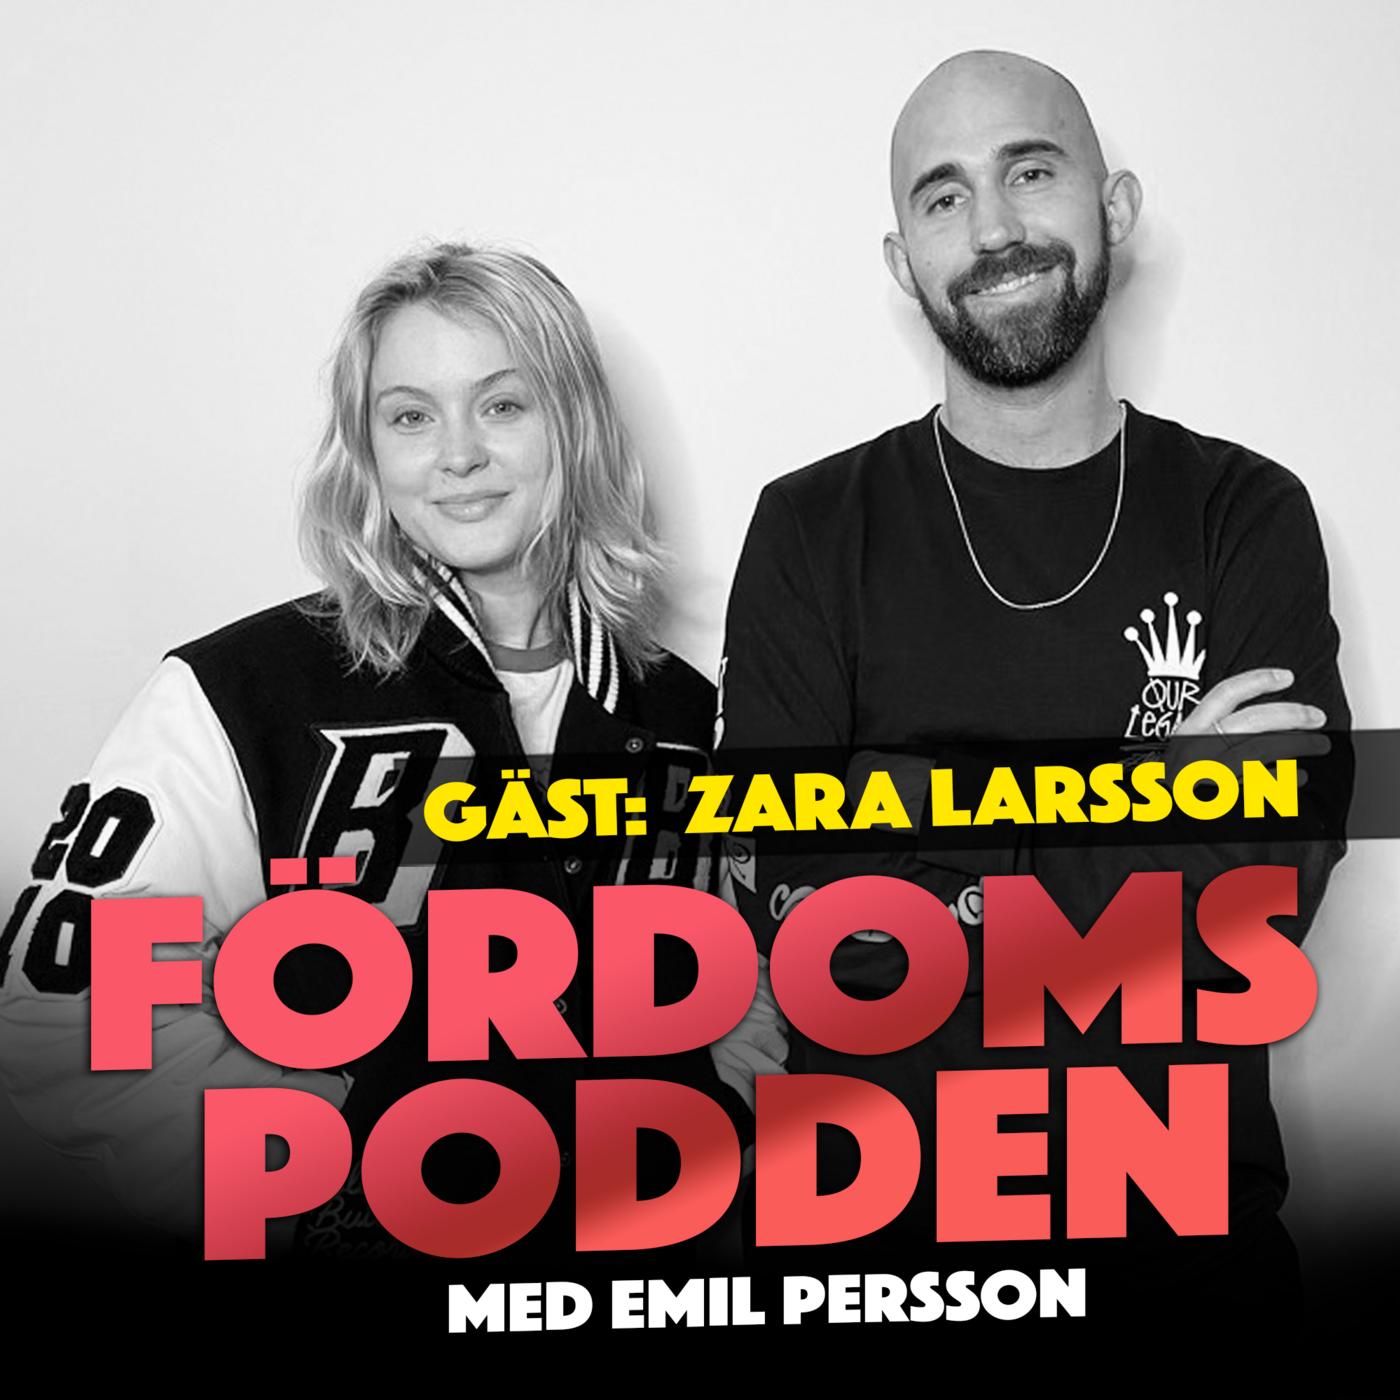 """#147 Säger Zara Larsson """"texta"""" snarare än """"messa"""" för att visa hur amerikaniserad hon råkat bli?"""